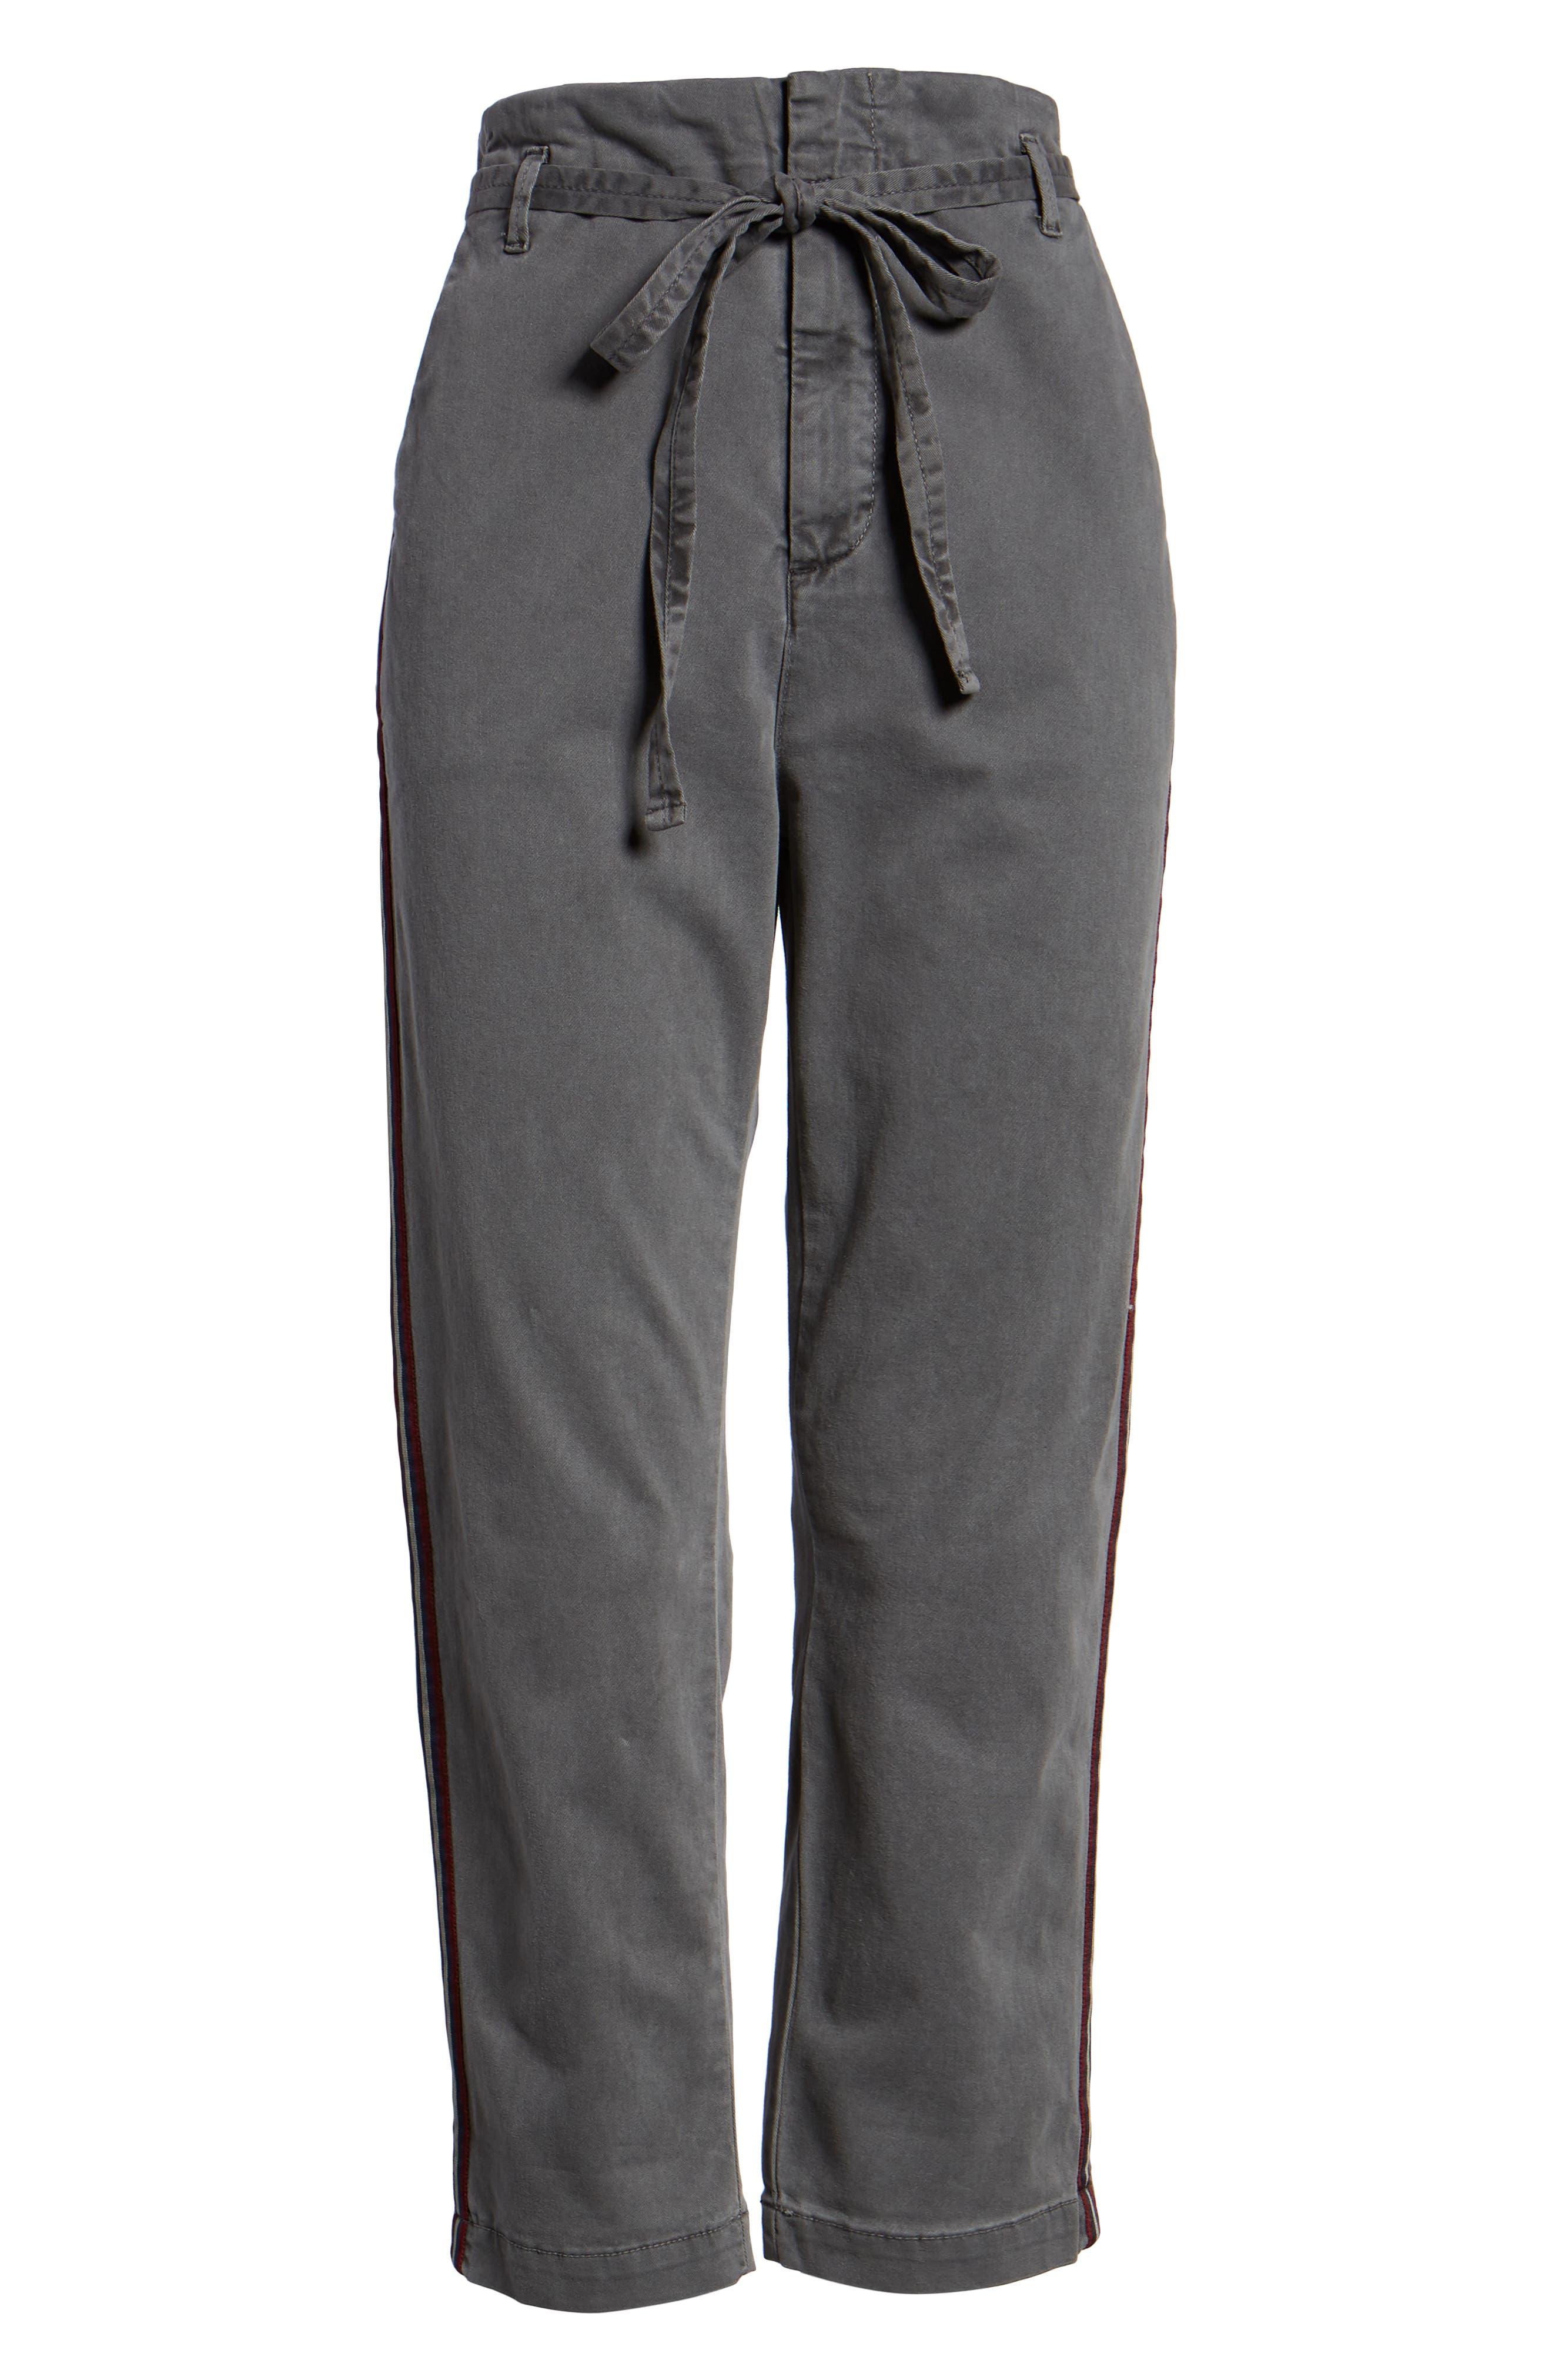 L'Automne Pants,                             Alternate thumbnail 6, color,                             020